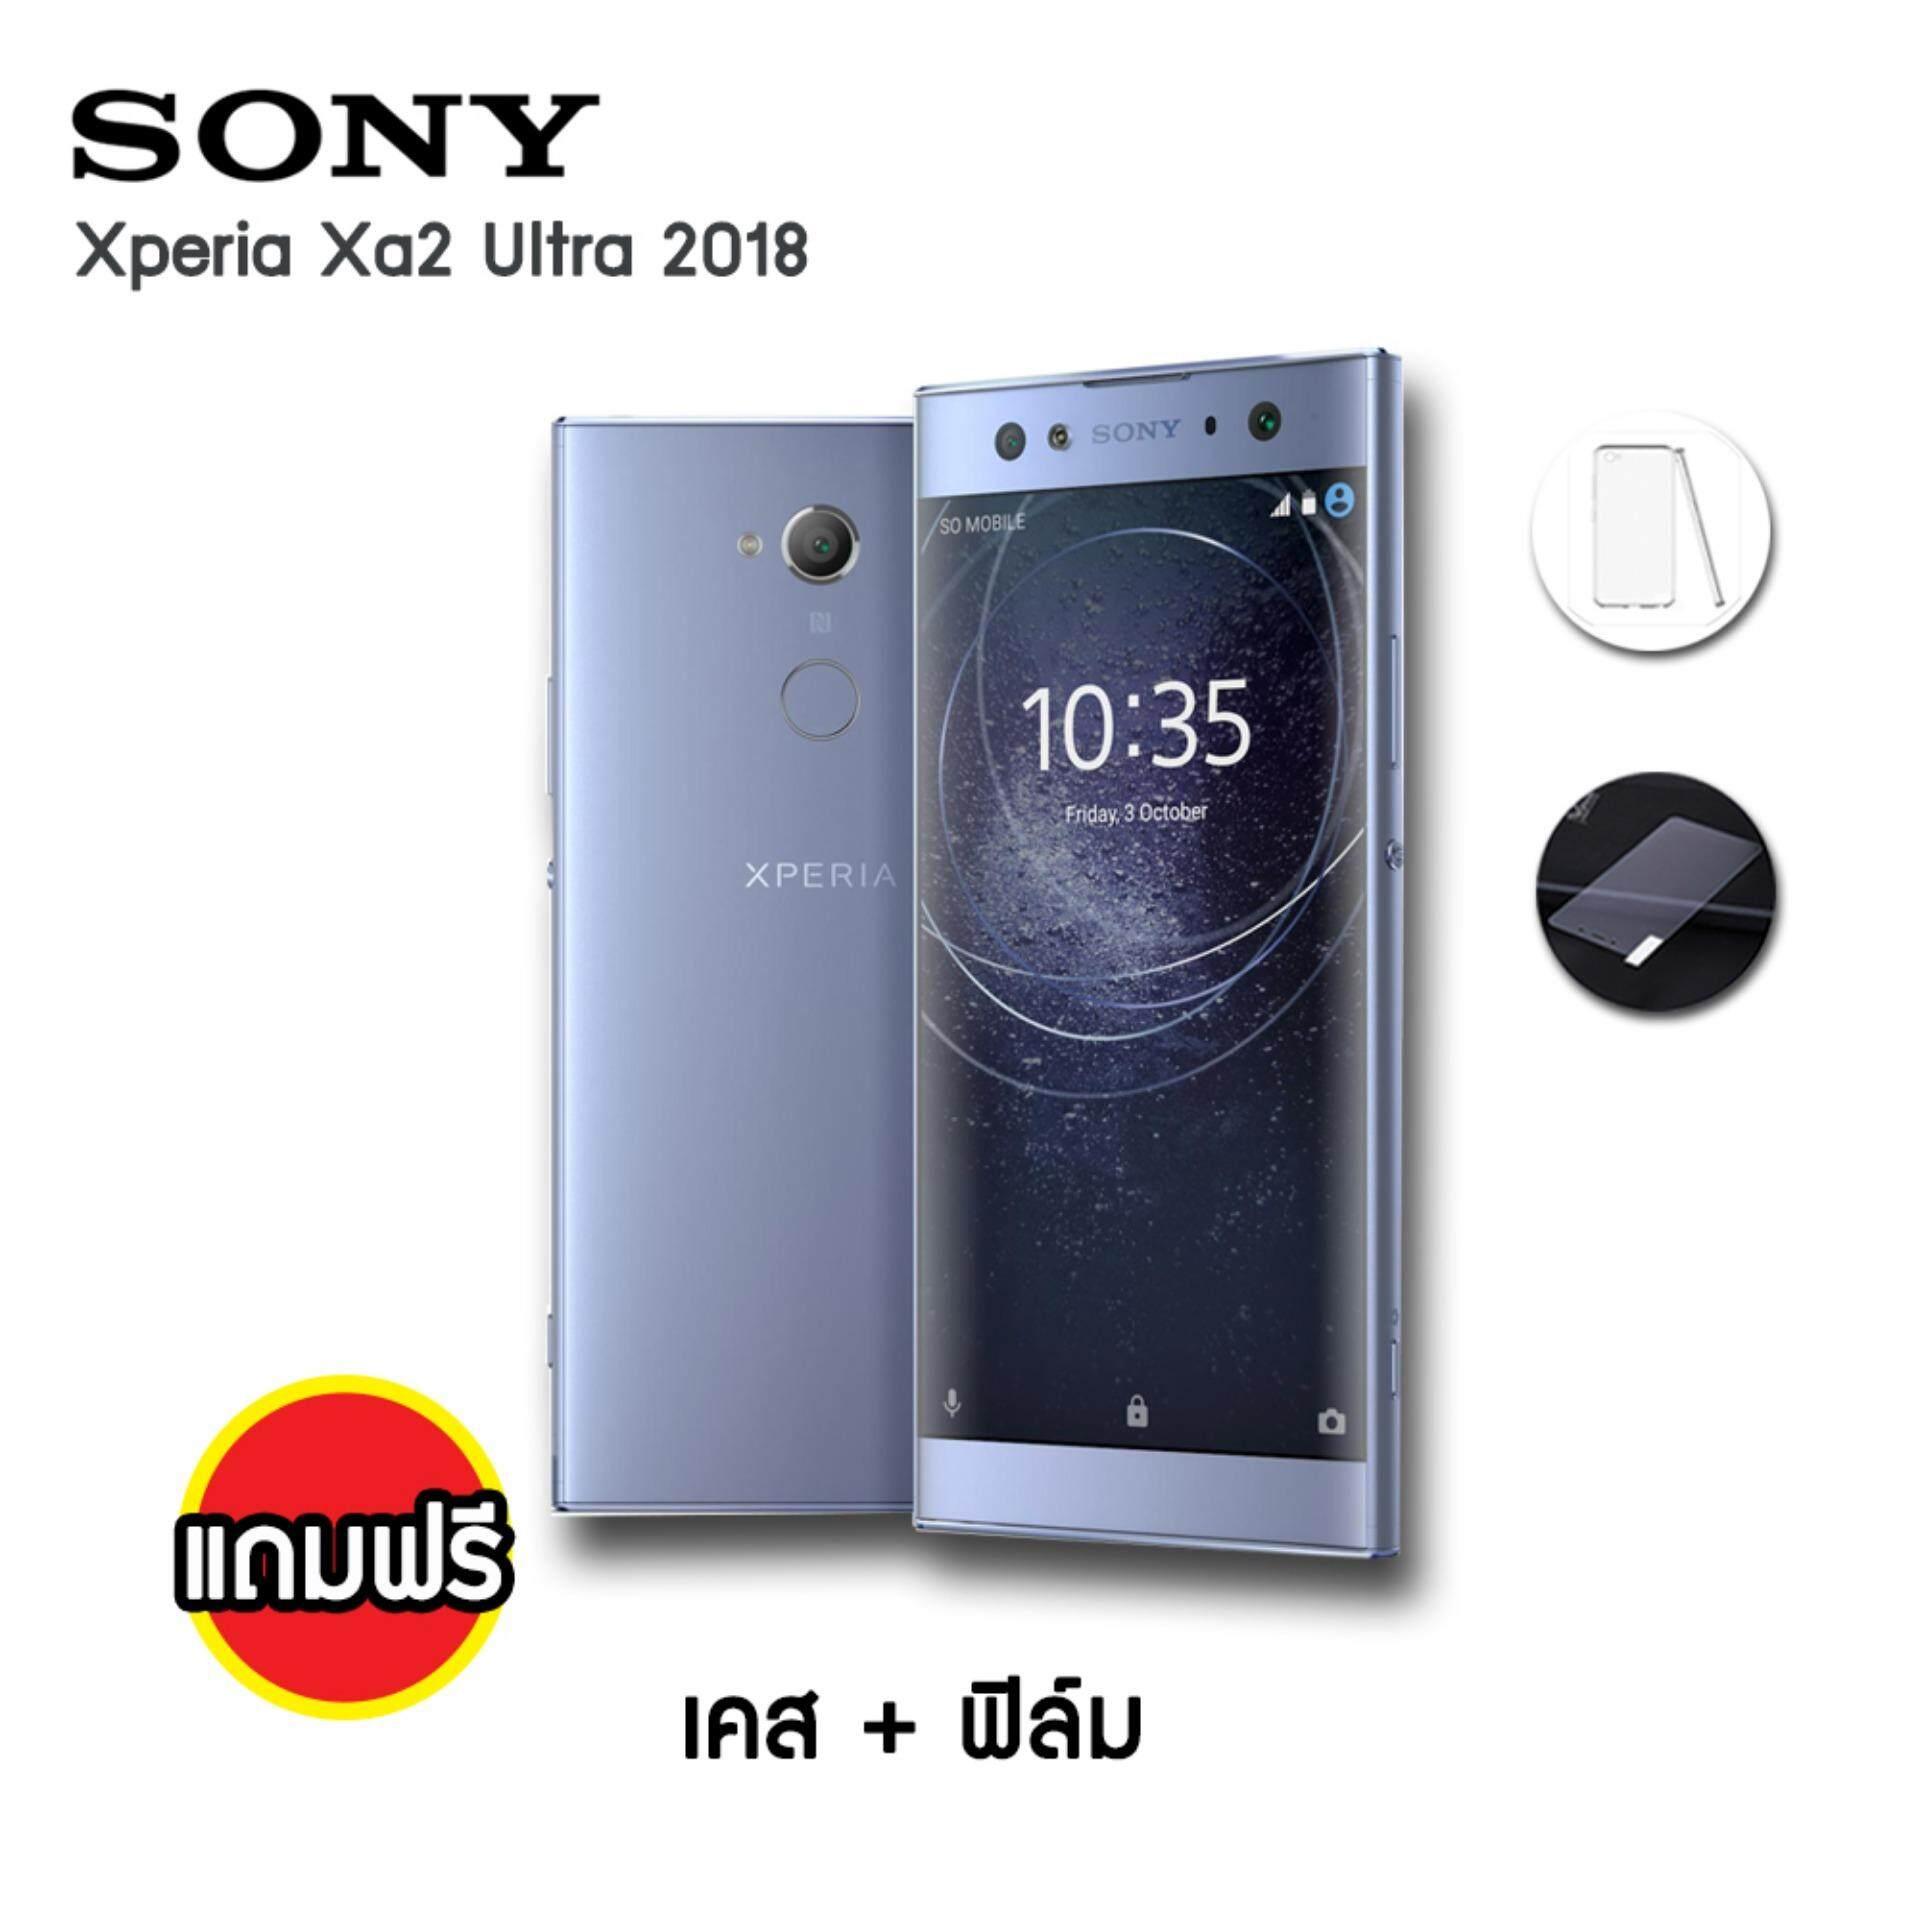 โปรโมชั่น Sony Xperia Xa2 Ultra 2018 4 64Gb แถม เคส ฟิล์ม ใน ลำปาง